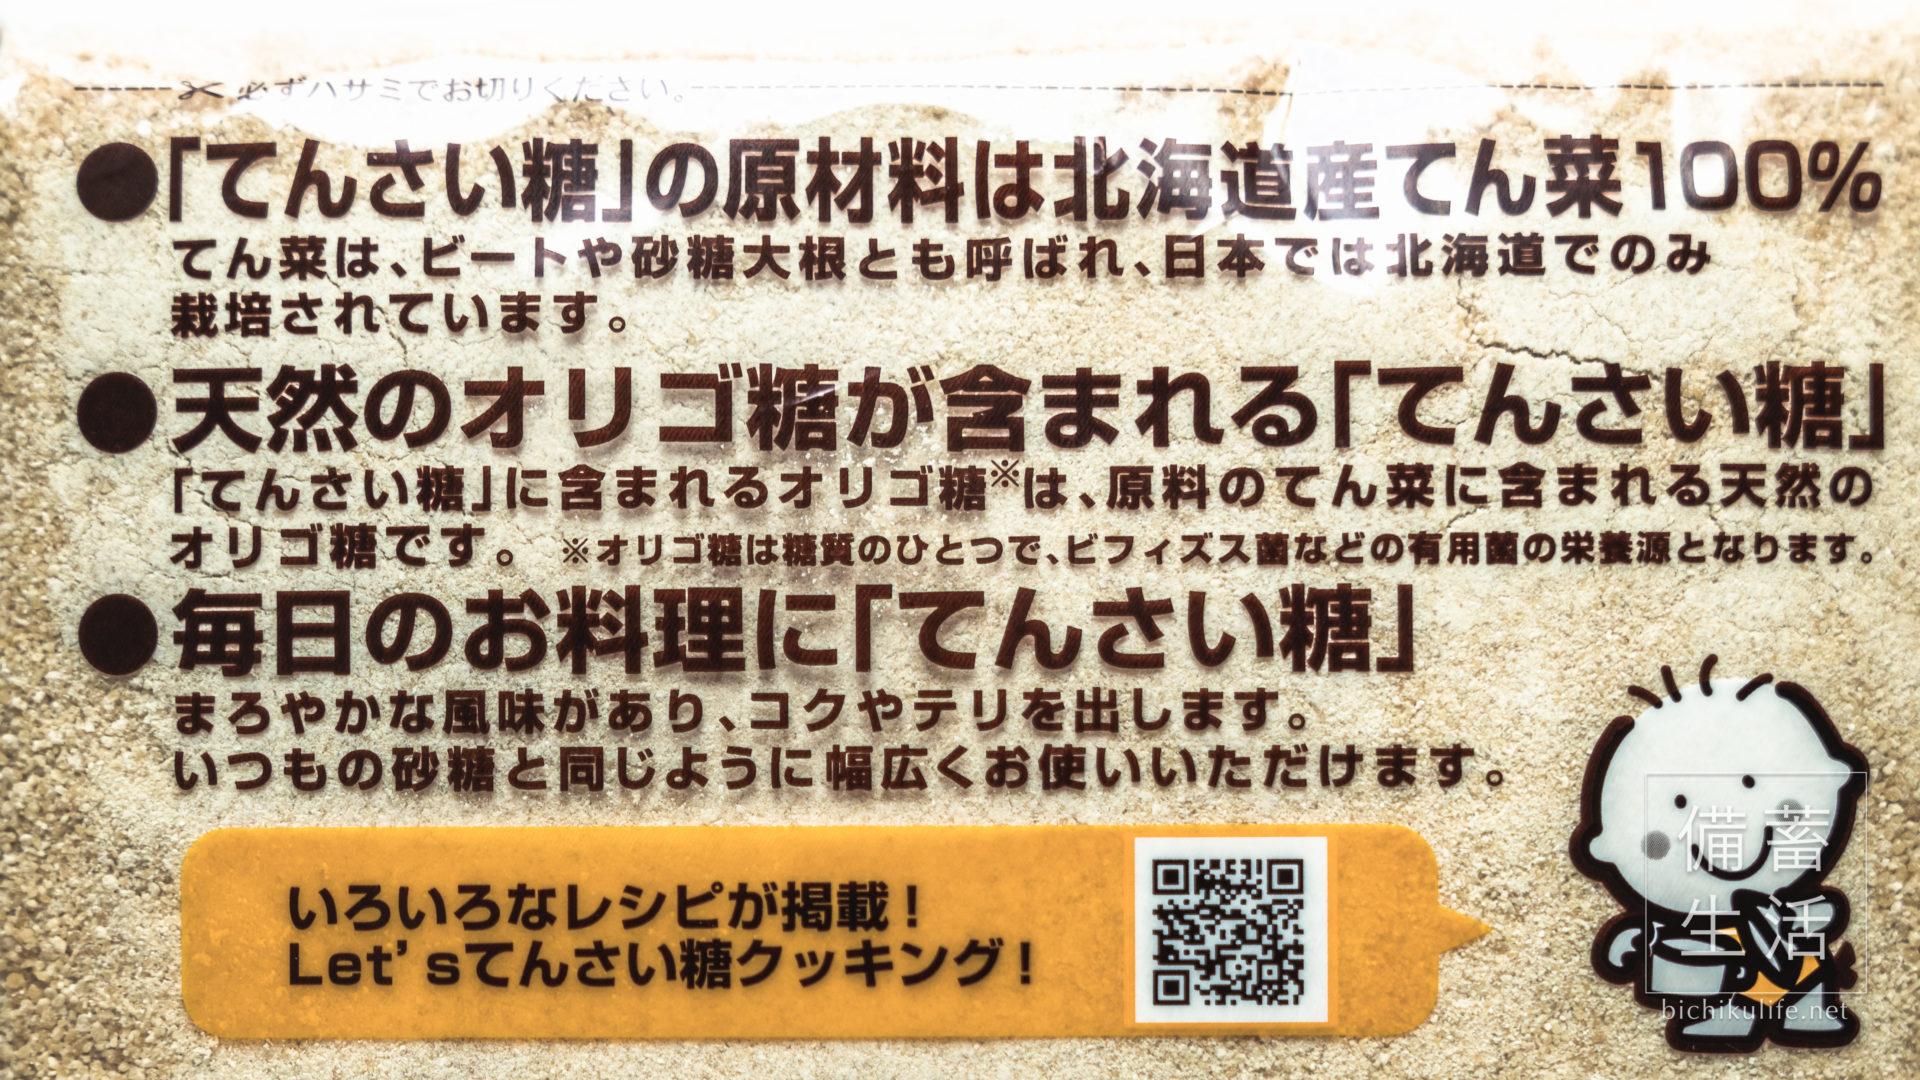 ホクレン 北海道産 てんさい糖の特徴